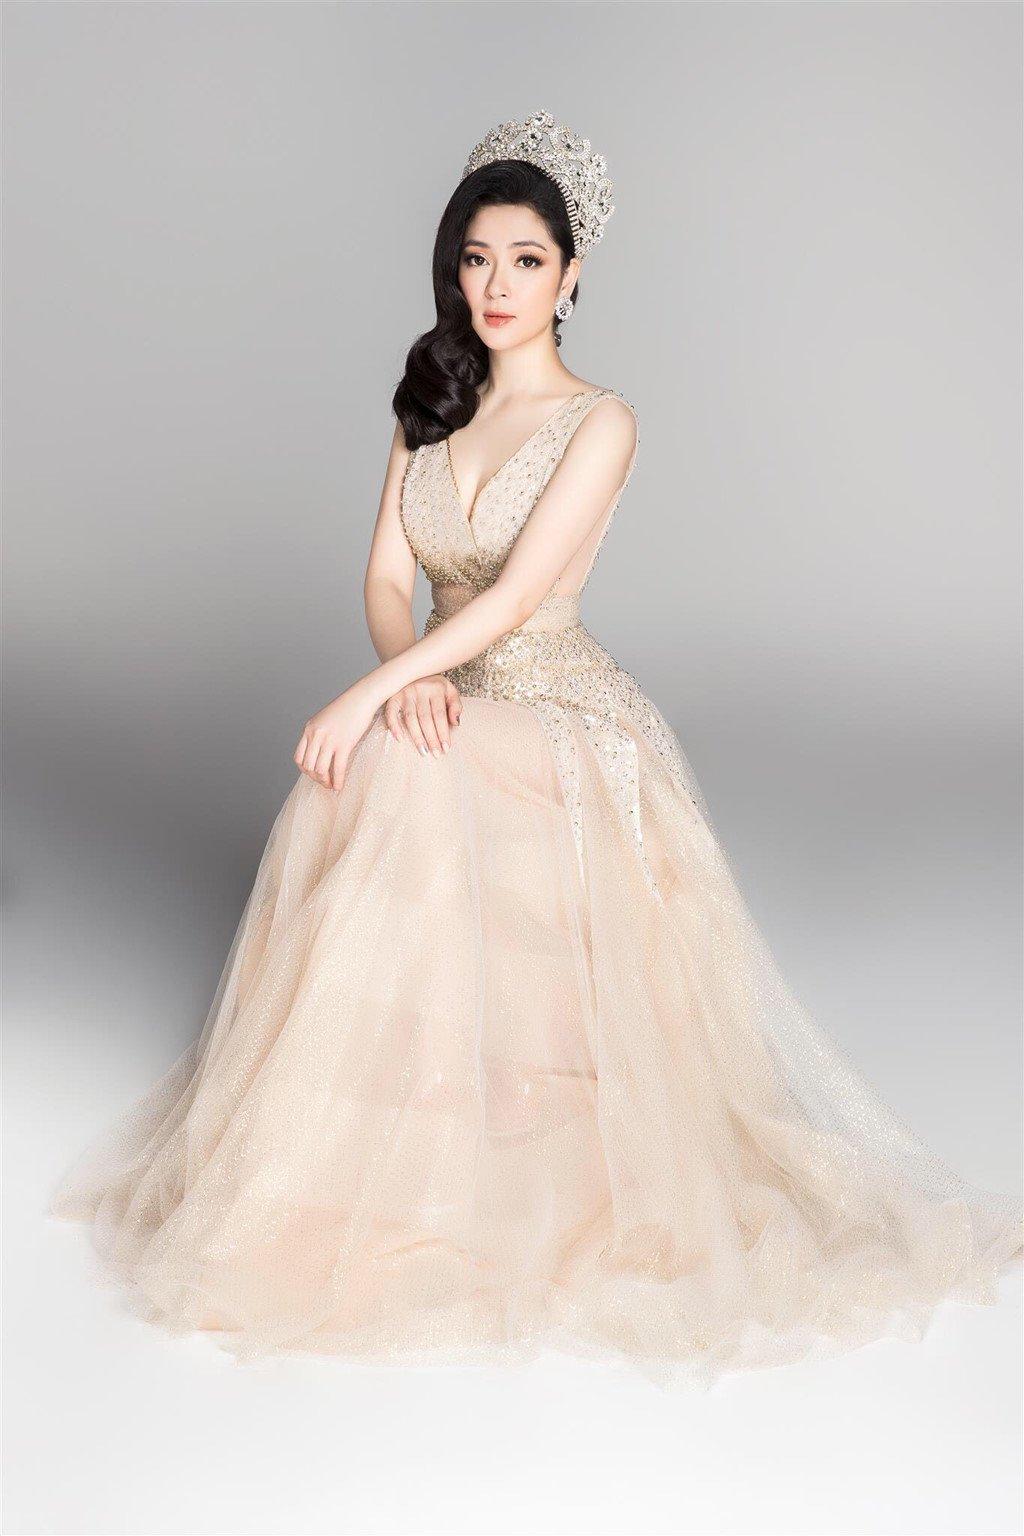 Hình ảnh 14 nhan sắc từng đăng quang Hoa hậu Việt Nam giờ ra sao? số 7